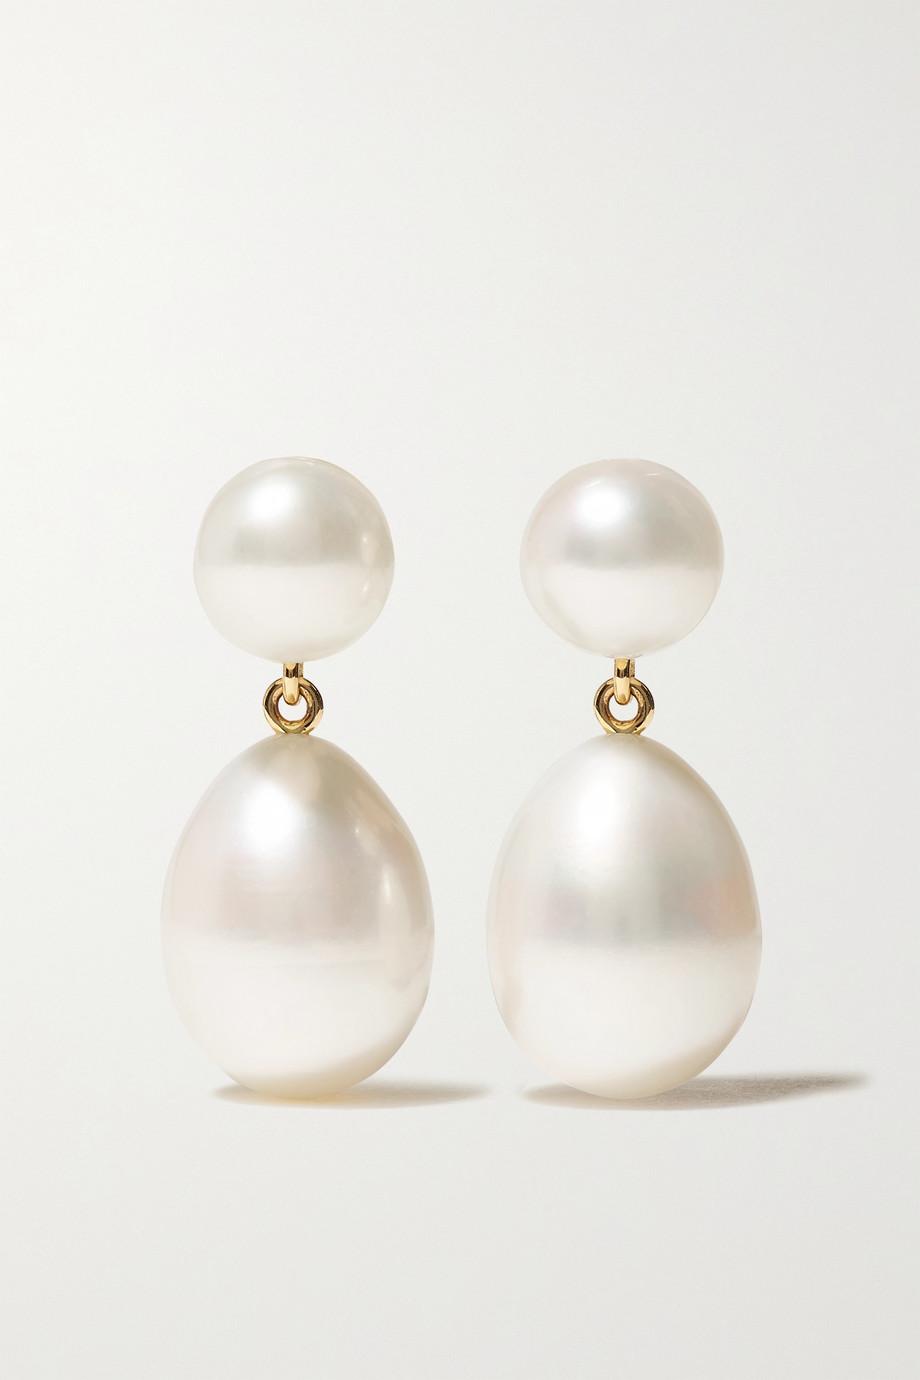 Sophie Bille Brahe Boucles d'oreilles en or 14 carats (585/1000) et perles Grand Venus L'Eau